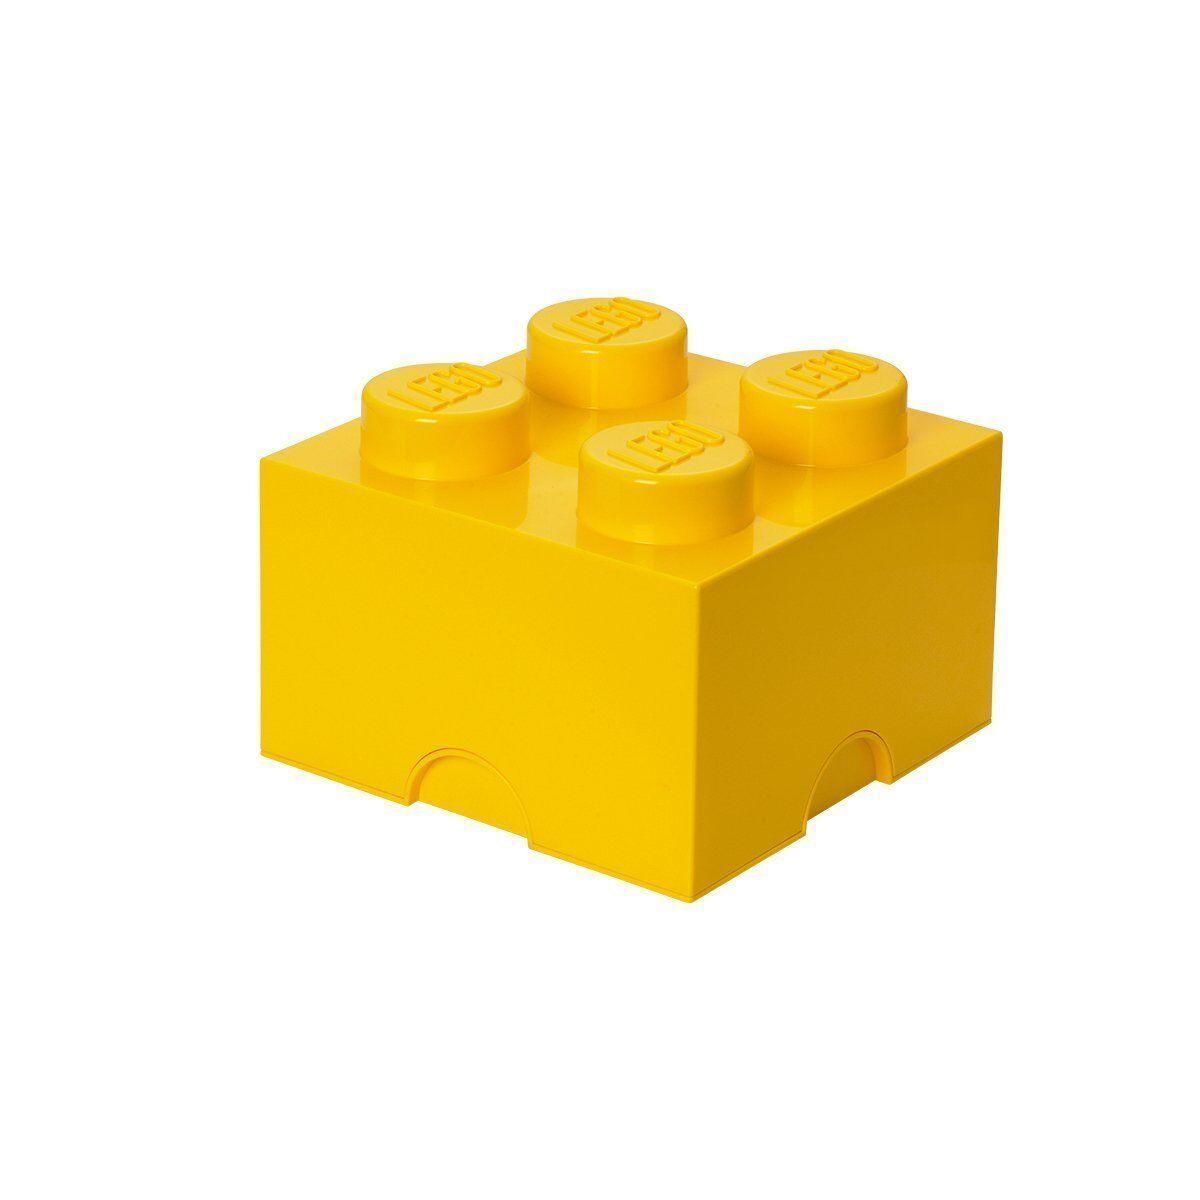 Lego 40031732. Brique Lego Géant Jaune Récipient pour garder jouets